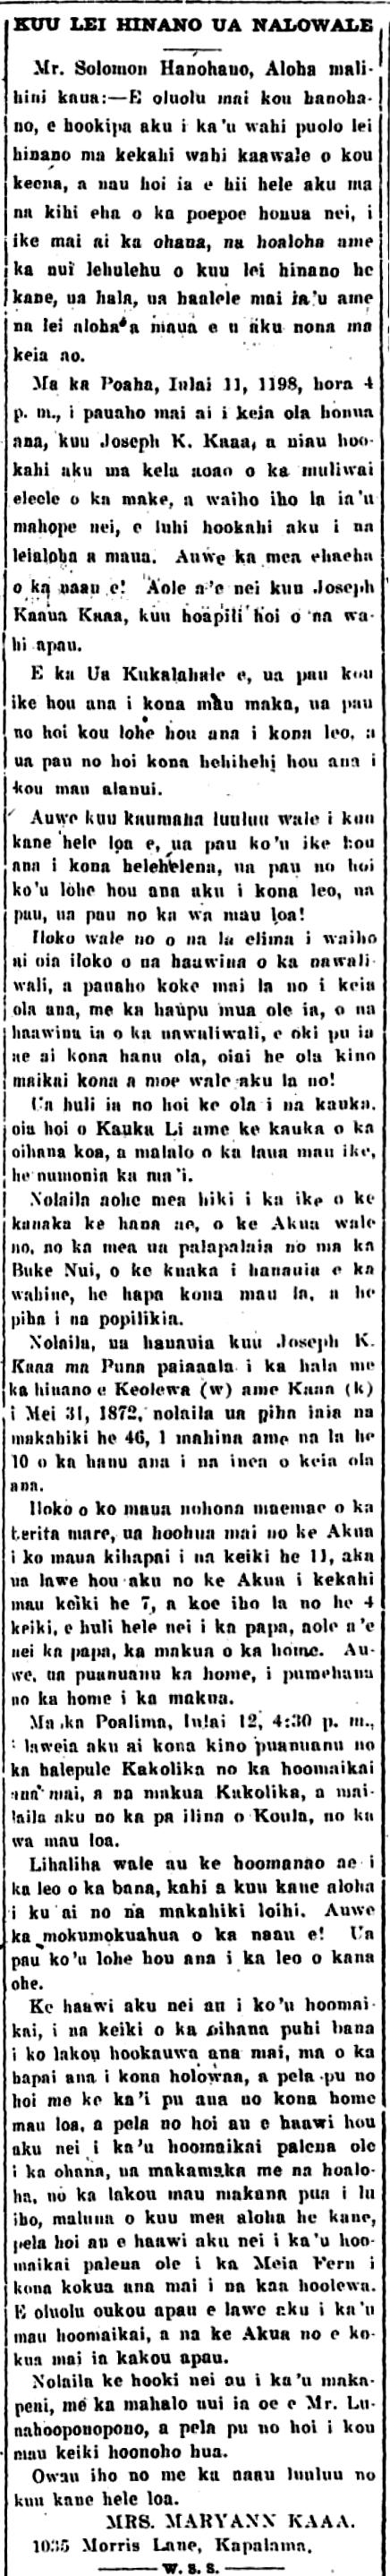 Kuokoa_7_26_1918_8.png